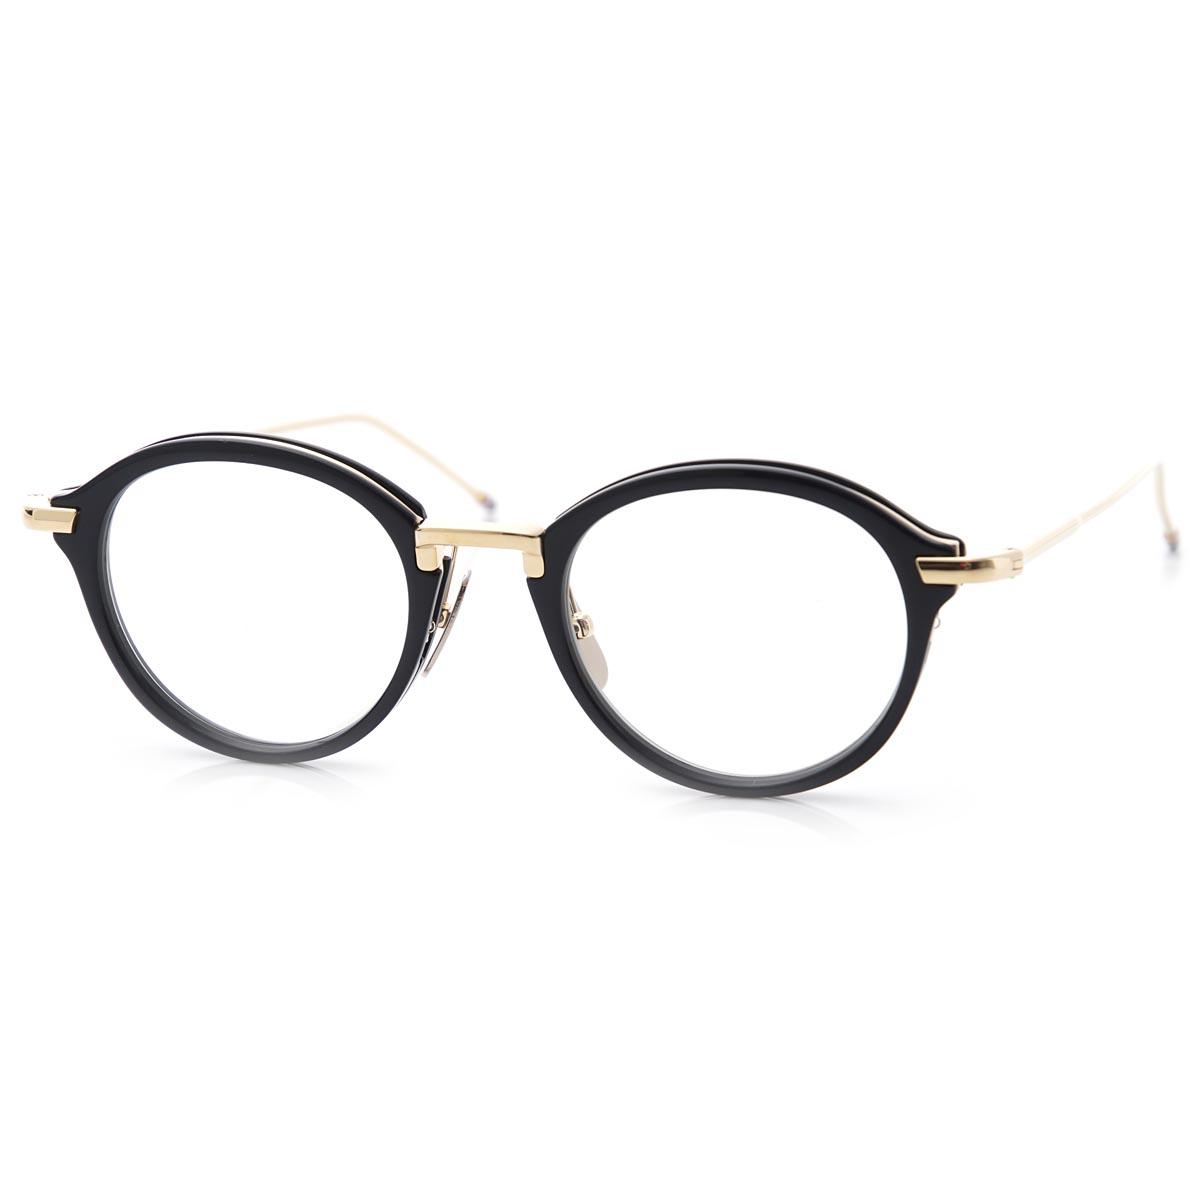 トムブラウン THOM BROWNE. 眼鏡 メガネ ブルー メンズ 黒 tb 011 f nvy gld オーバル【あす楽対応_関東】【返品送料無料】【ラッピング無料】